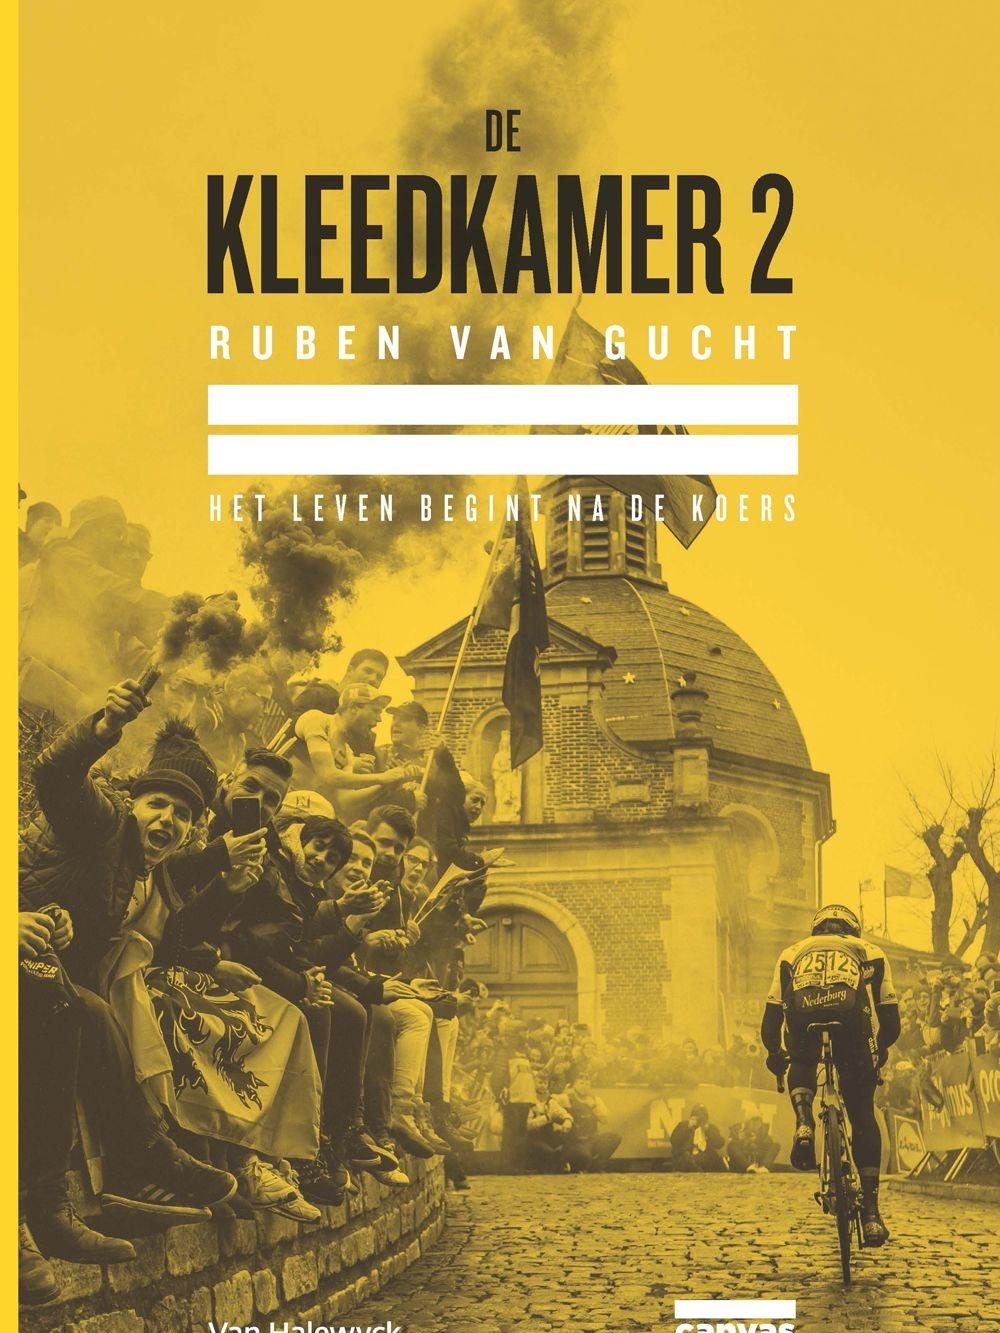 De Kleedkamer 2 / Ruben Van Gucht / ISBN 978-94-6131-980-7 / 22,5 euro, /